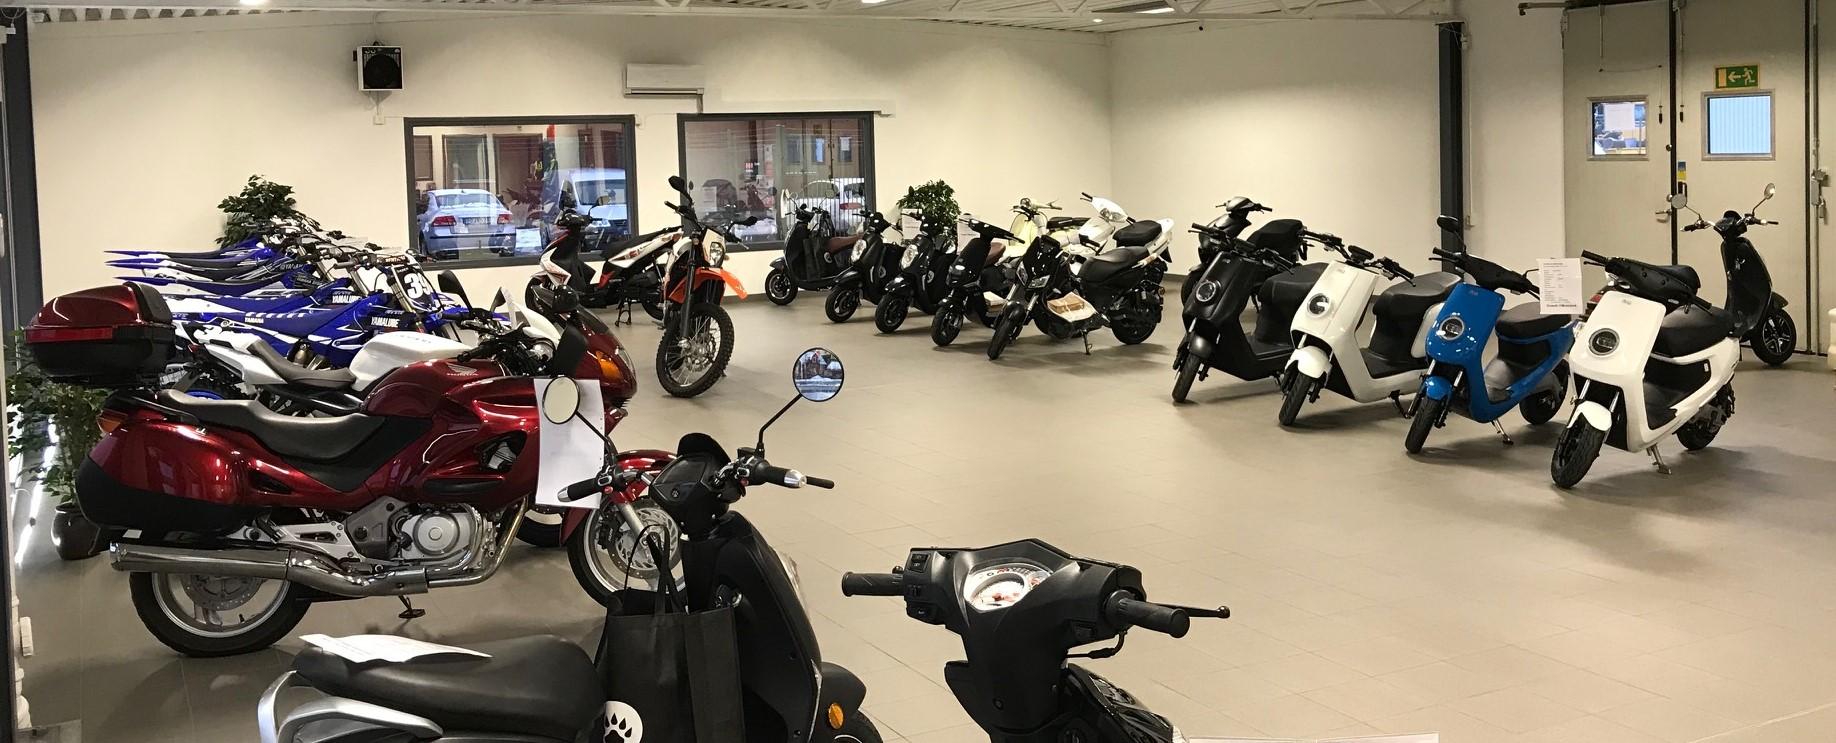 Hitta butik   Köp en scooter 332b584a2b9cb